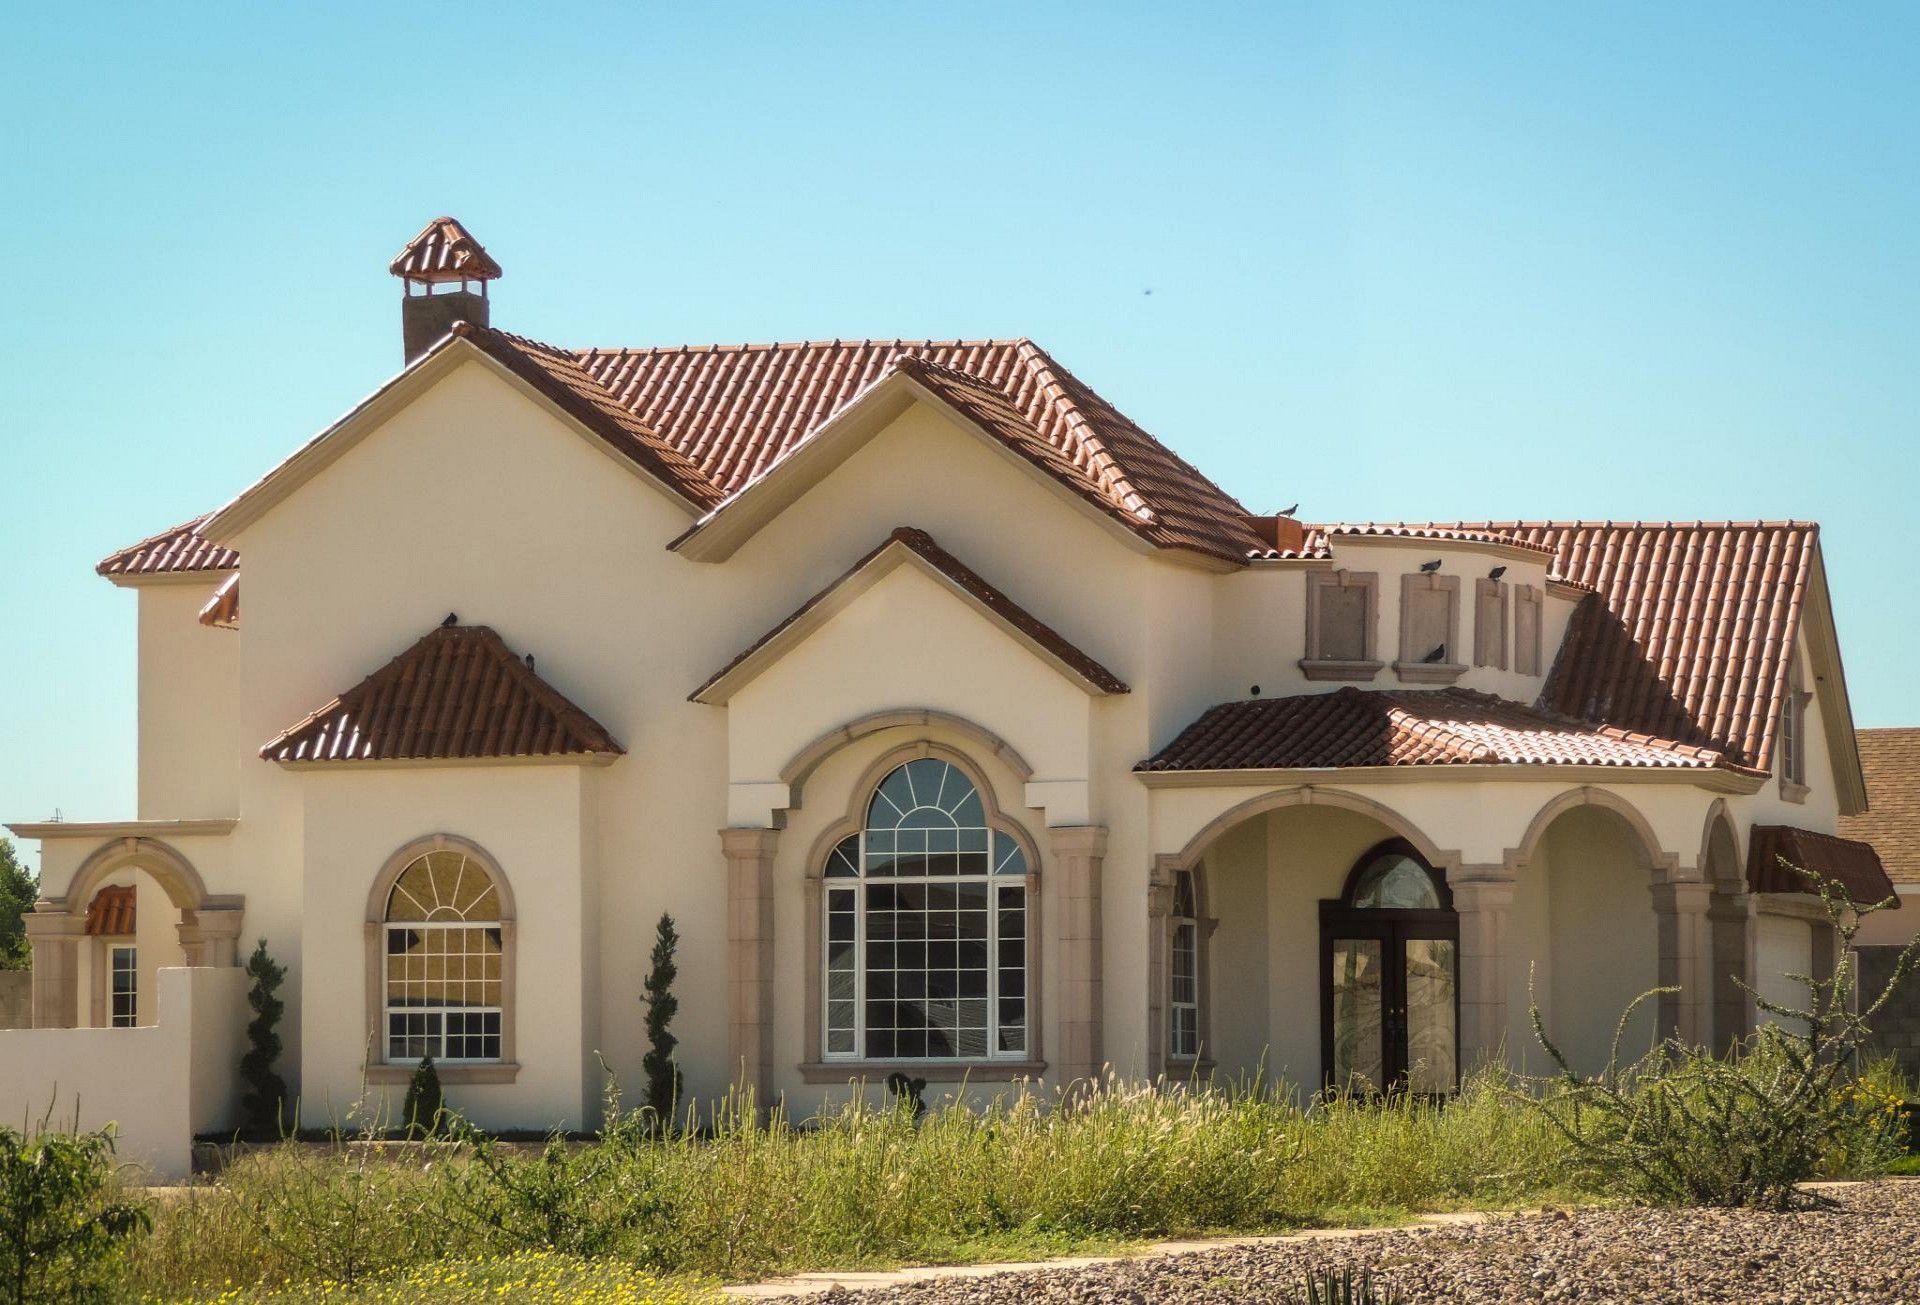 casas con color teja - Buscar con Google | Ideas para el hogar ...